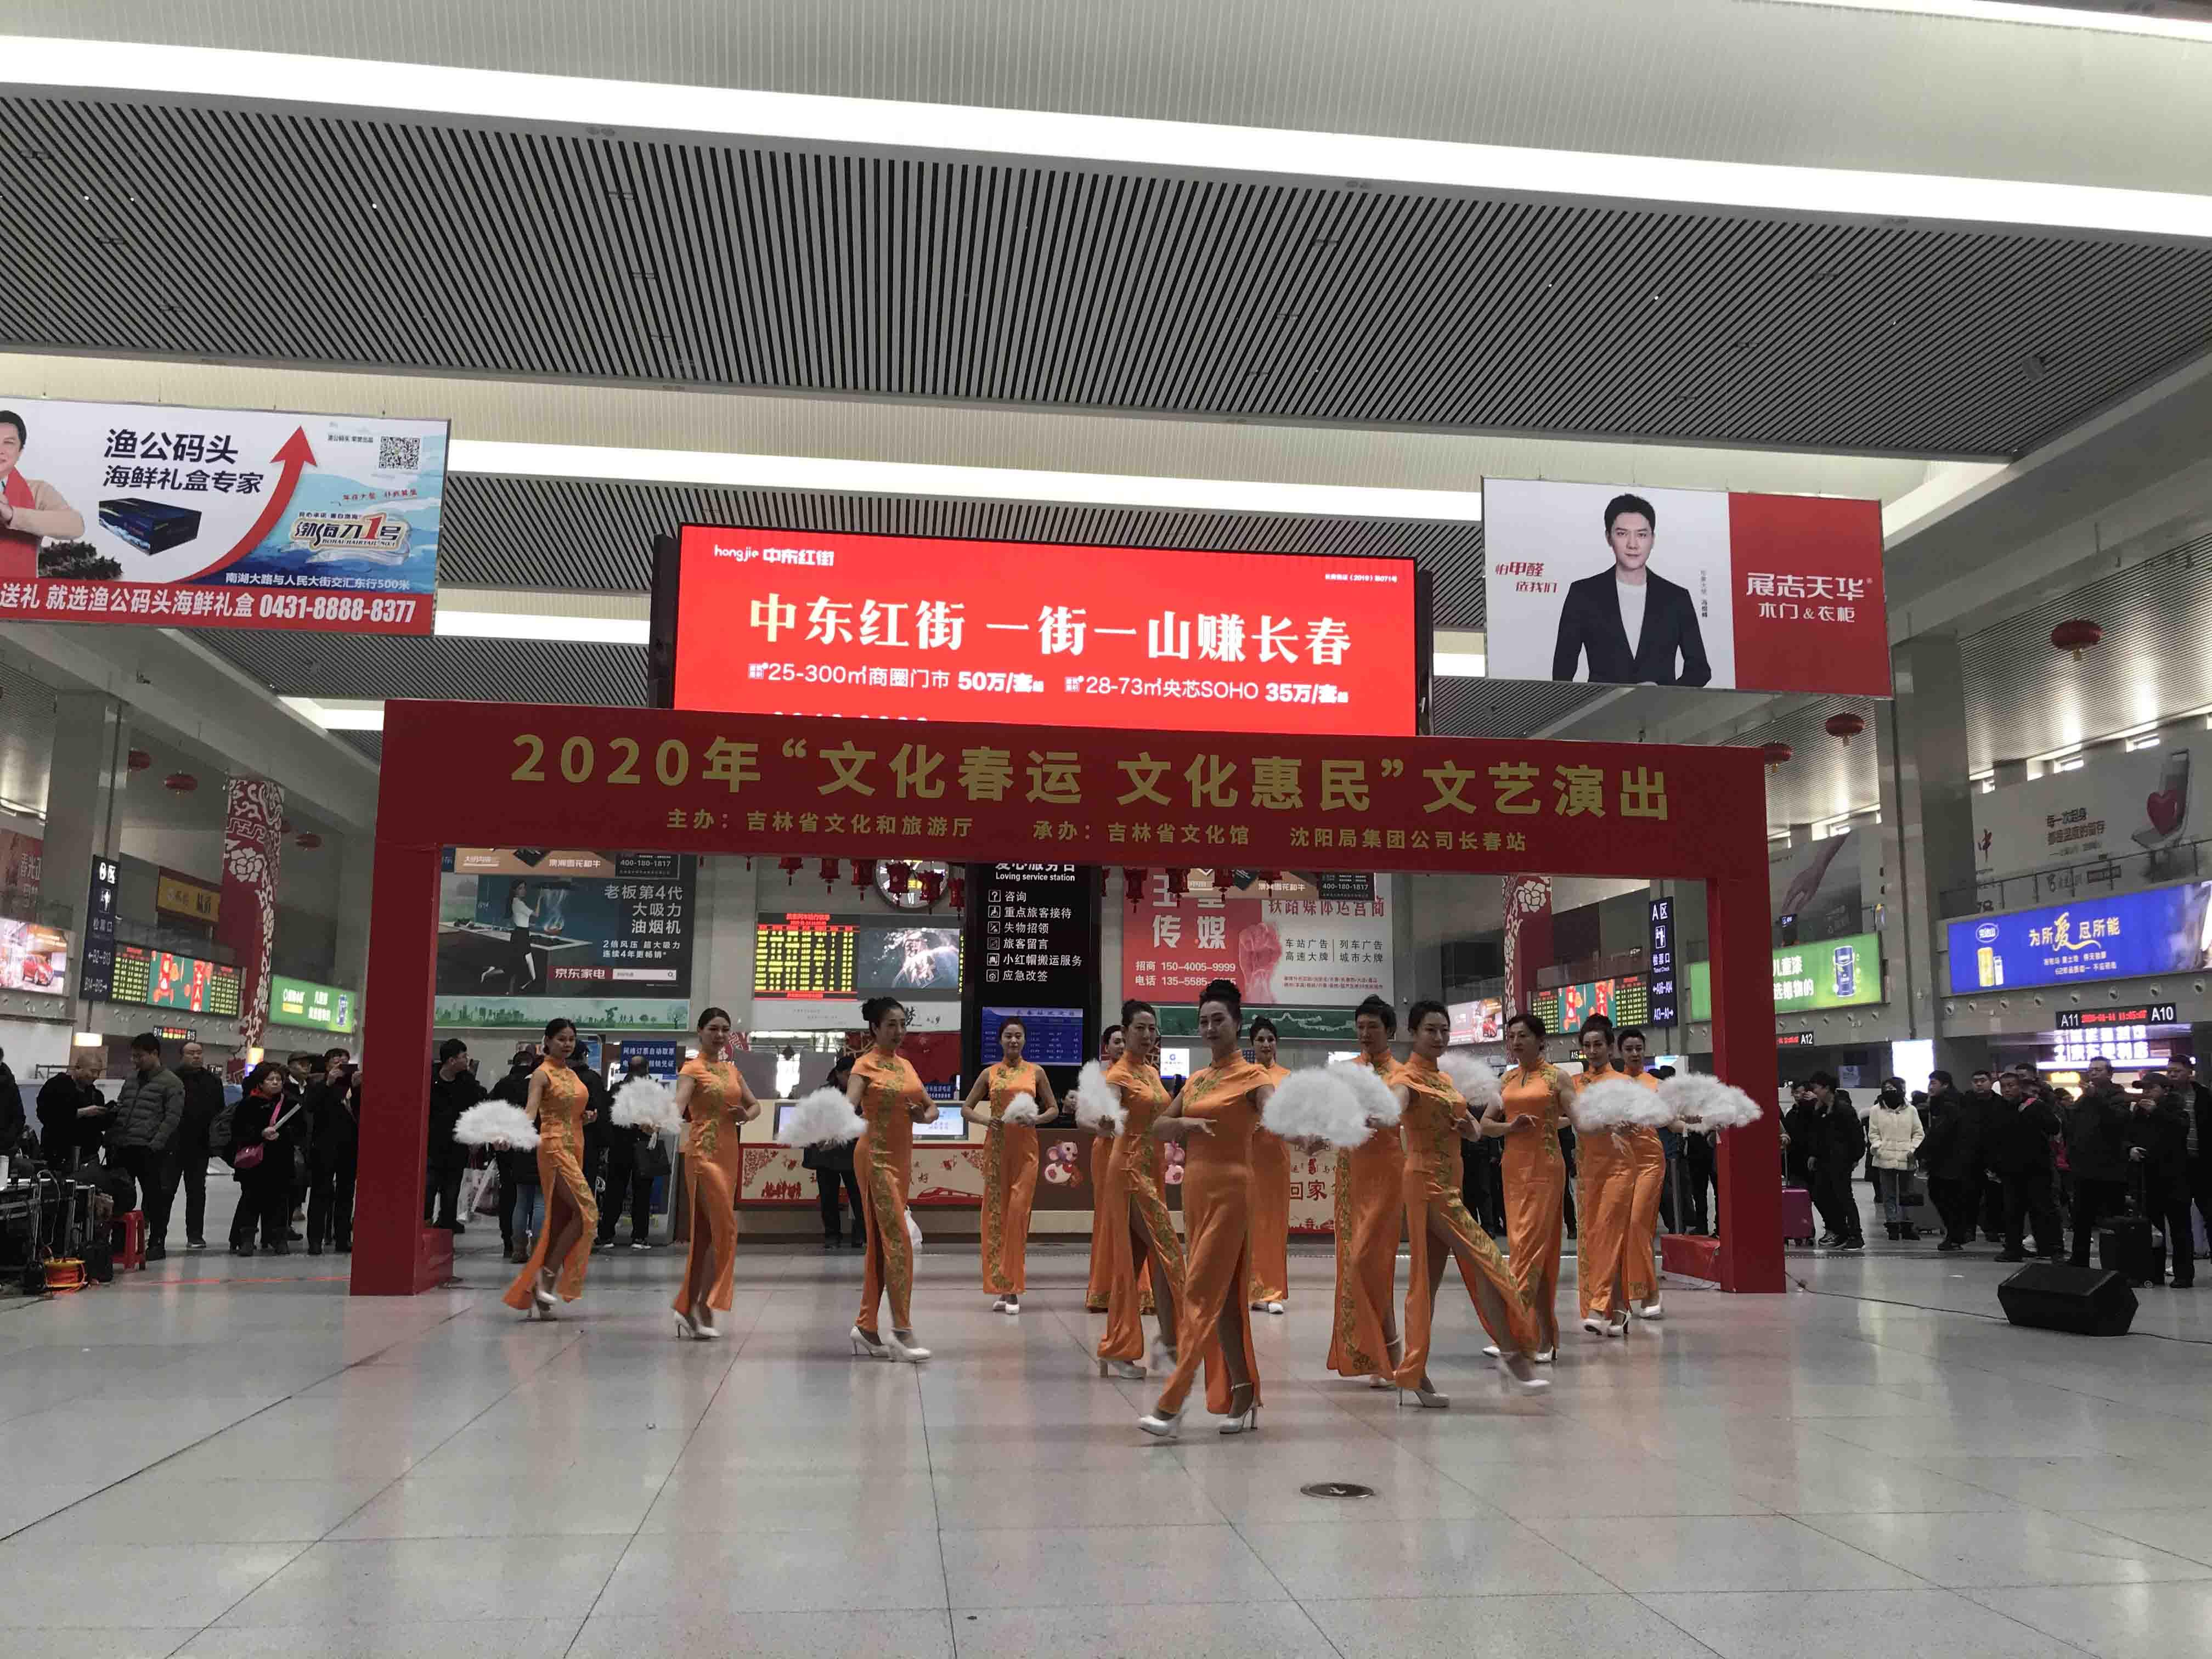 С успехом проводится акция «Новогоднее обслуживание пассажиров в 2020 году: привези домой счастье!»